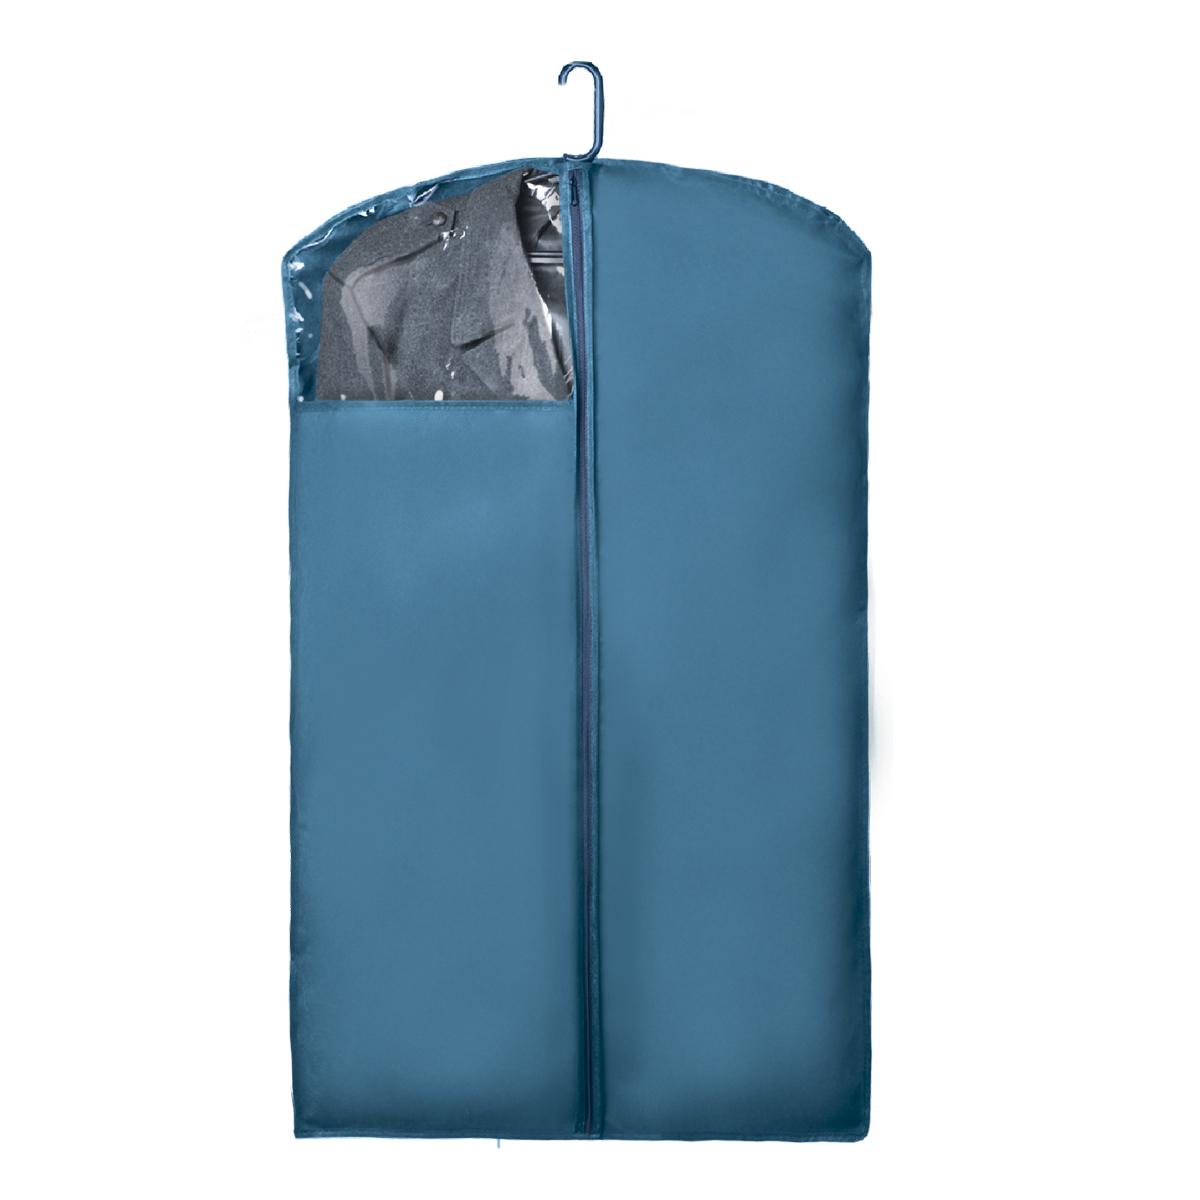 Чехол для верхней одежды Miolla, с окошком, цвет: голубой, 100 х 60 смCHL-1-3Чехол для верхней одежды Miolla на застежке-молнии выполнен из высококачественного нетканого материала. Прозрачное полиэтиленовое окошко позволяет видеть содержимое чехла. Подходит для длительного хранения вещей.Чехол обеспечивает вашей одежде надежную защиту от влажности, повреждений и грязи при транспортировке, от запыления при хранении и проникновения моли. Чехол обладает водоотталкивающими свойствами, а также позволяет воздуху свободно поступать внутрь вещей, обеспечивая их кондиционирование. Это особенно важно при хранении кожаных и меховых изделий.Размер чехла: 100 х 60 см.